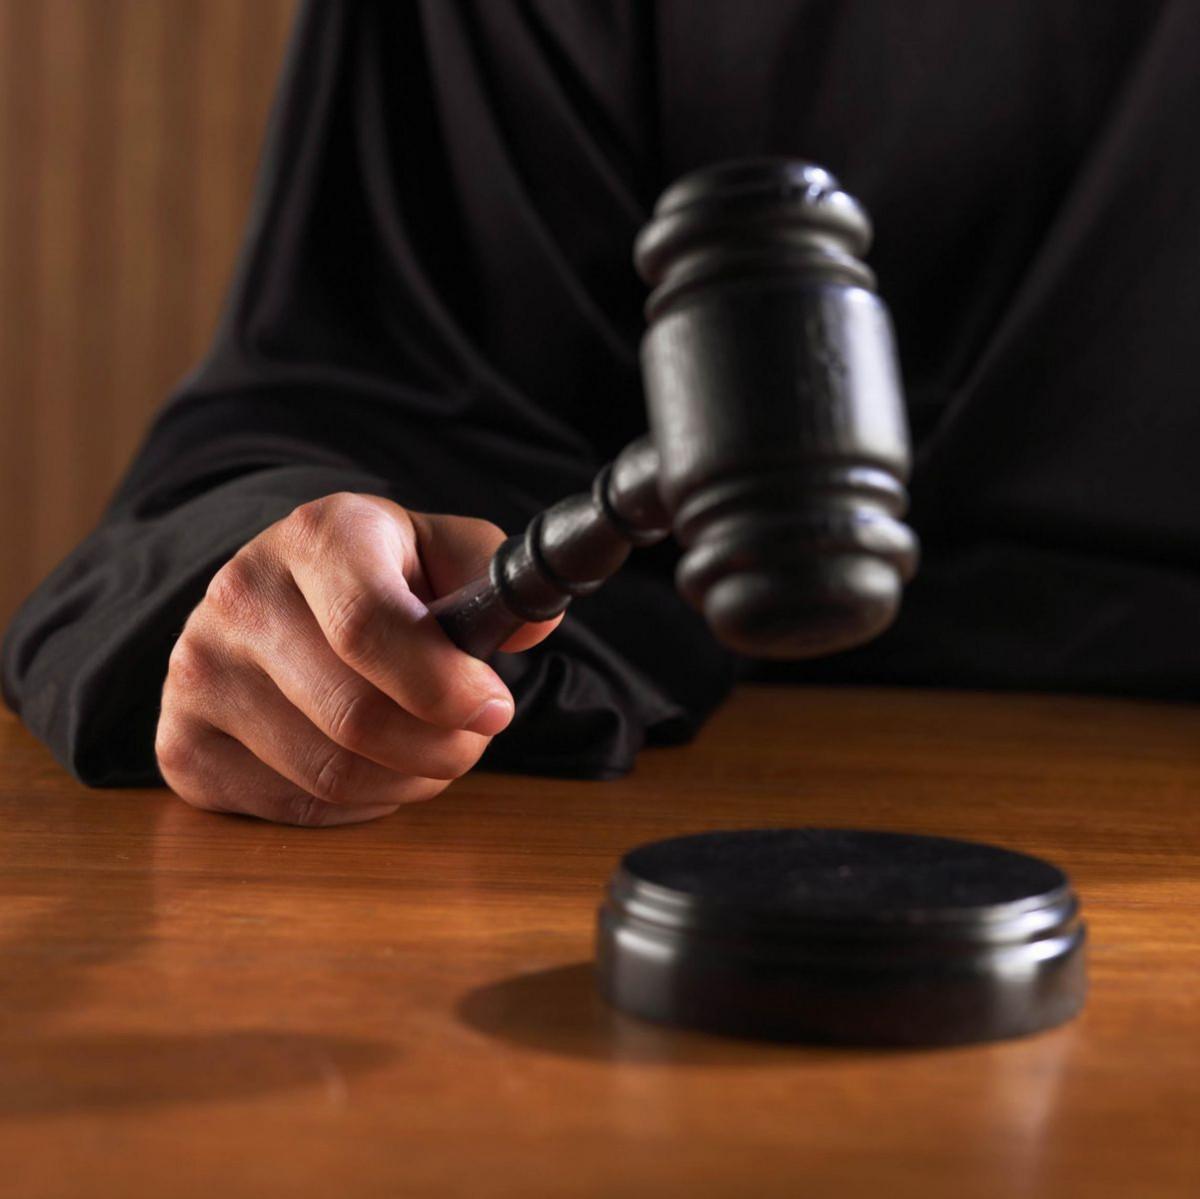 В России впервые приговорен к пожизненному заключению наркоторговец